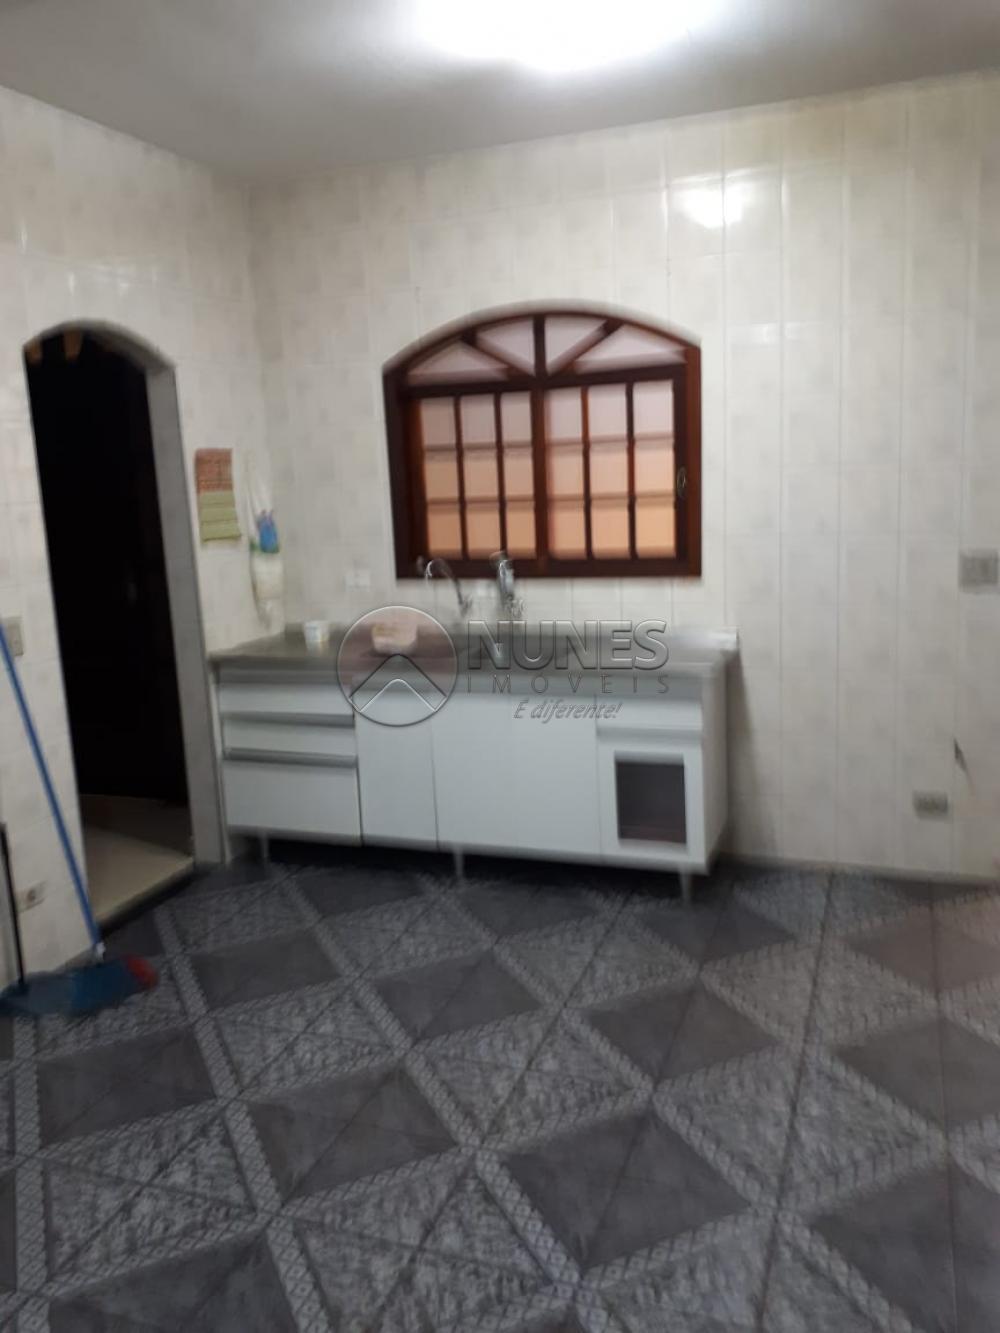 Comprar Casa / Sobrado em Osasco apenas R$ 310.000,00 - Foto 3